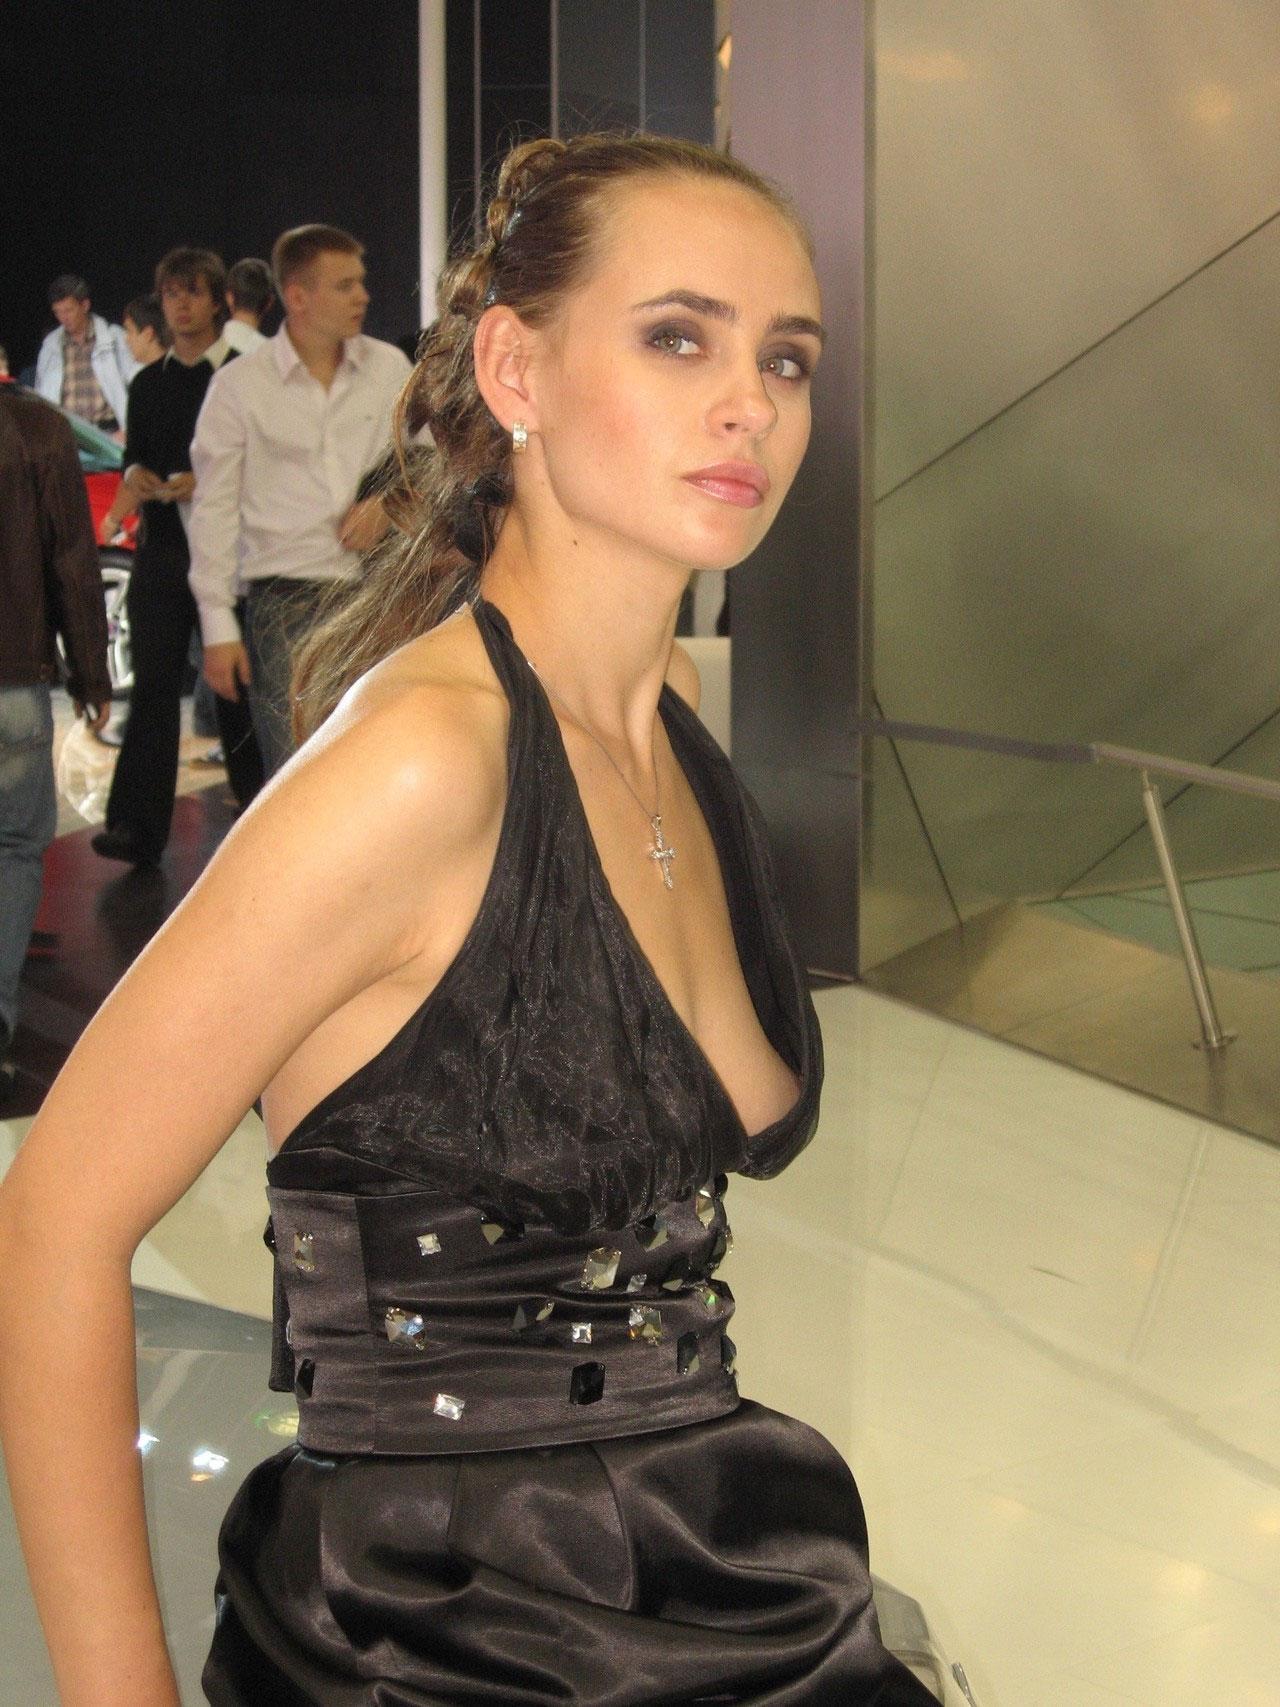 【ノーブラエロ画像】乳頭見えても動じないwそれがドレス淑女の基本www 02